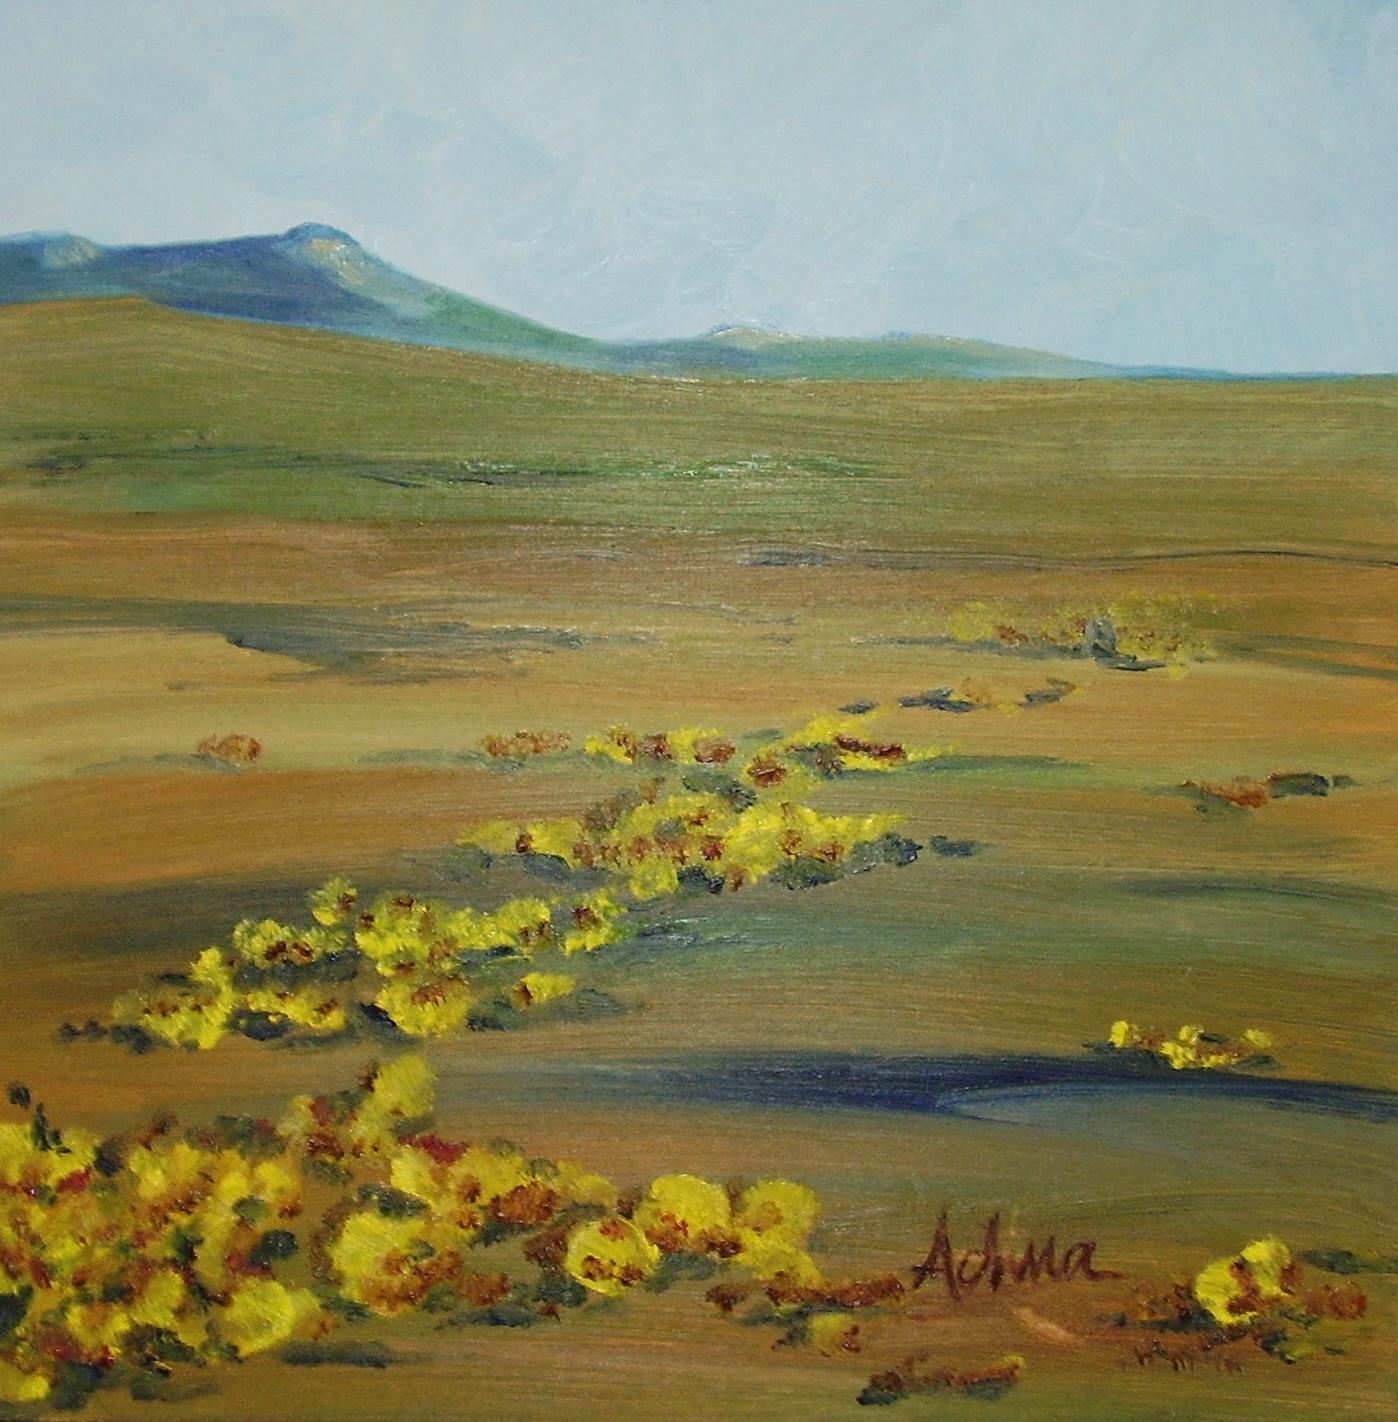 http://1.bp.blogspot.com/-FV-mckPaamQ/Tfy6KHoszCI/AAAAAAAAAKk/ZfwxZpphiM8/s1600/Desert+Flowers.jpg